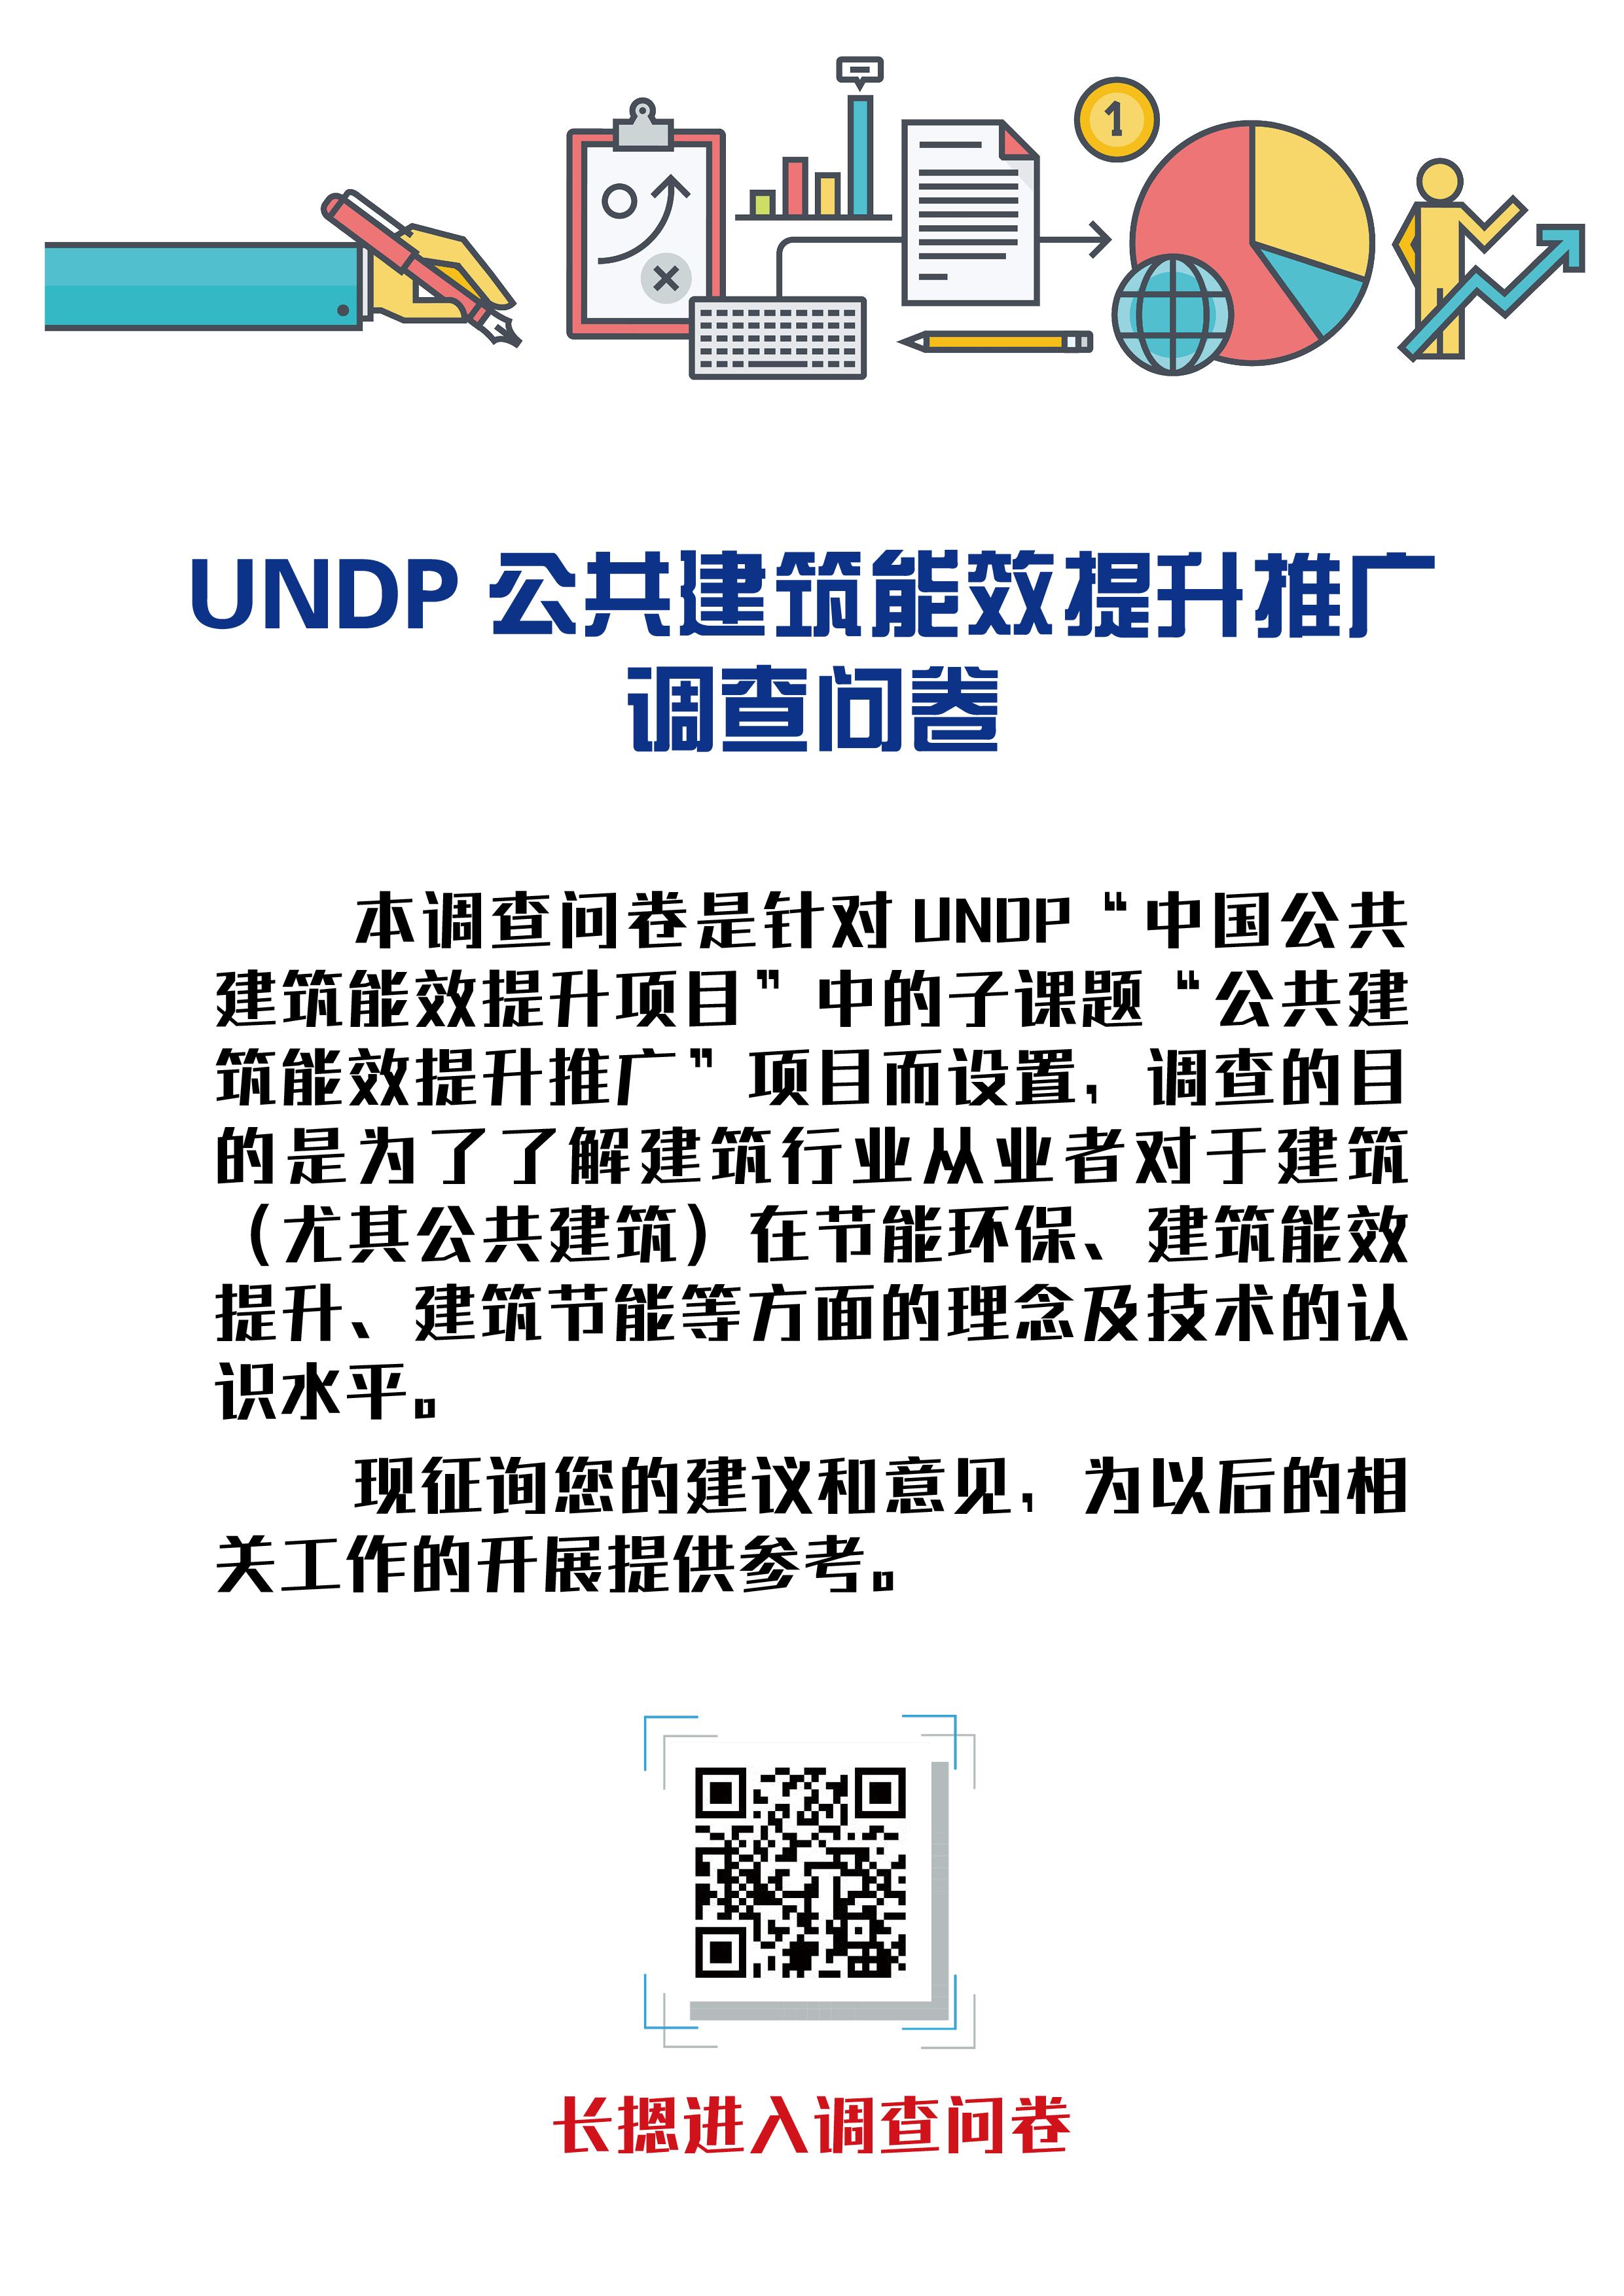 替换UNDP.png